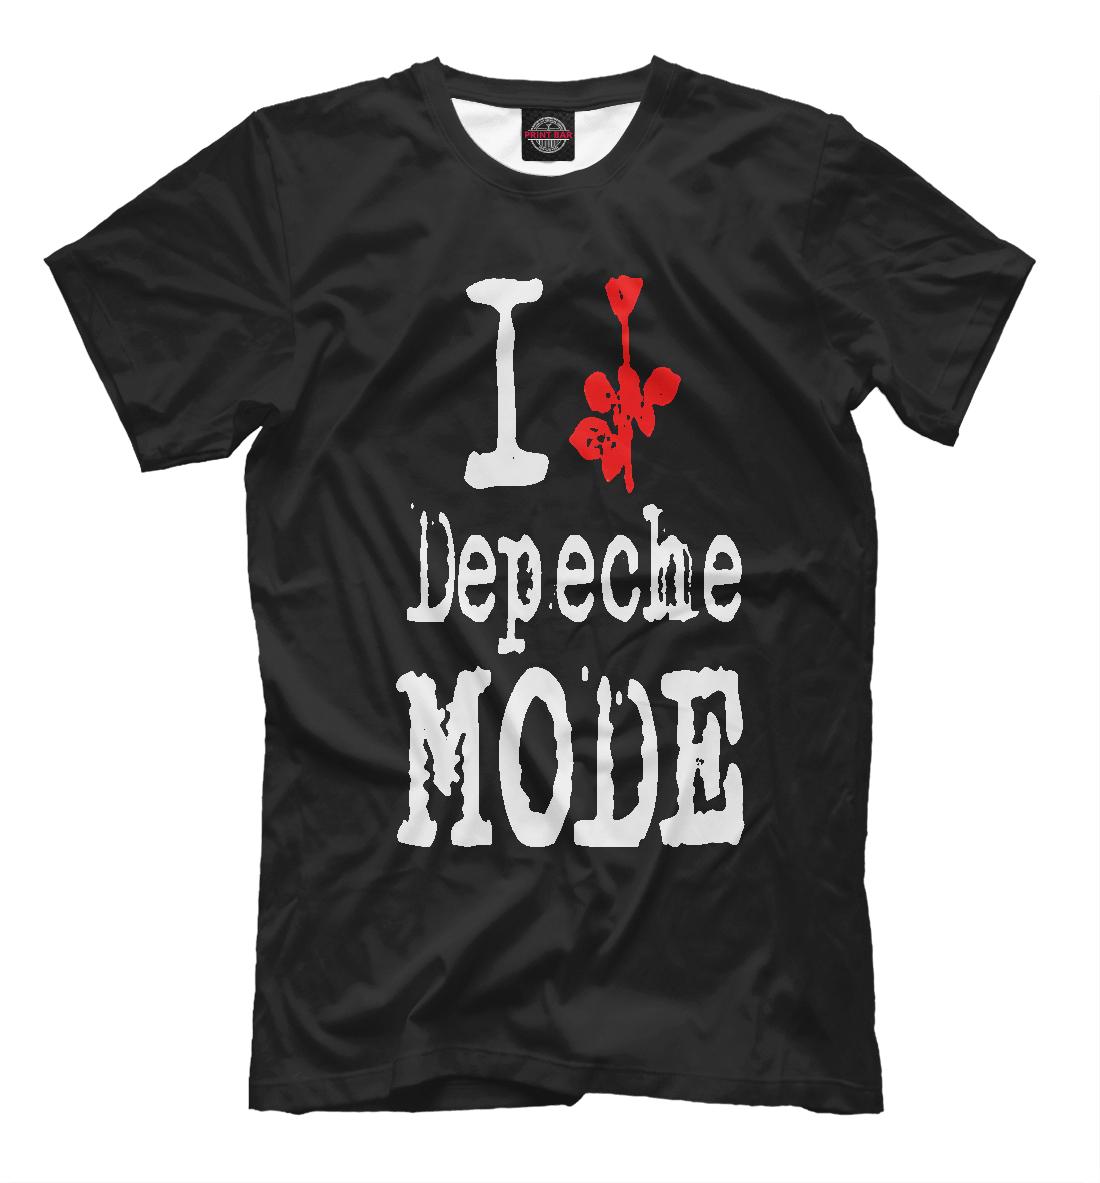 Купить Depeche Mode, Printbar, Футболки, DPM-200544-fut-2